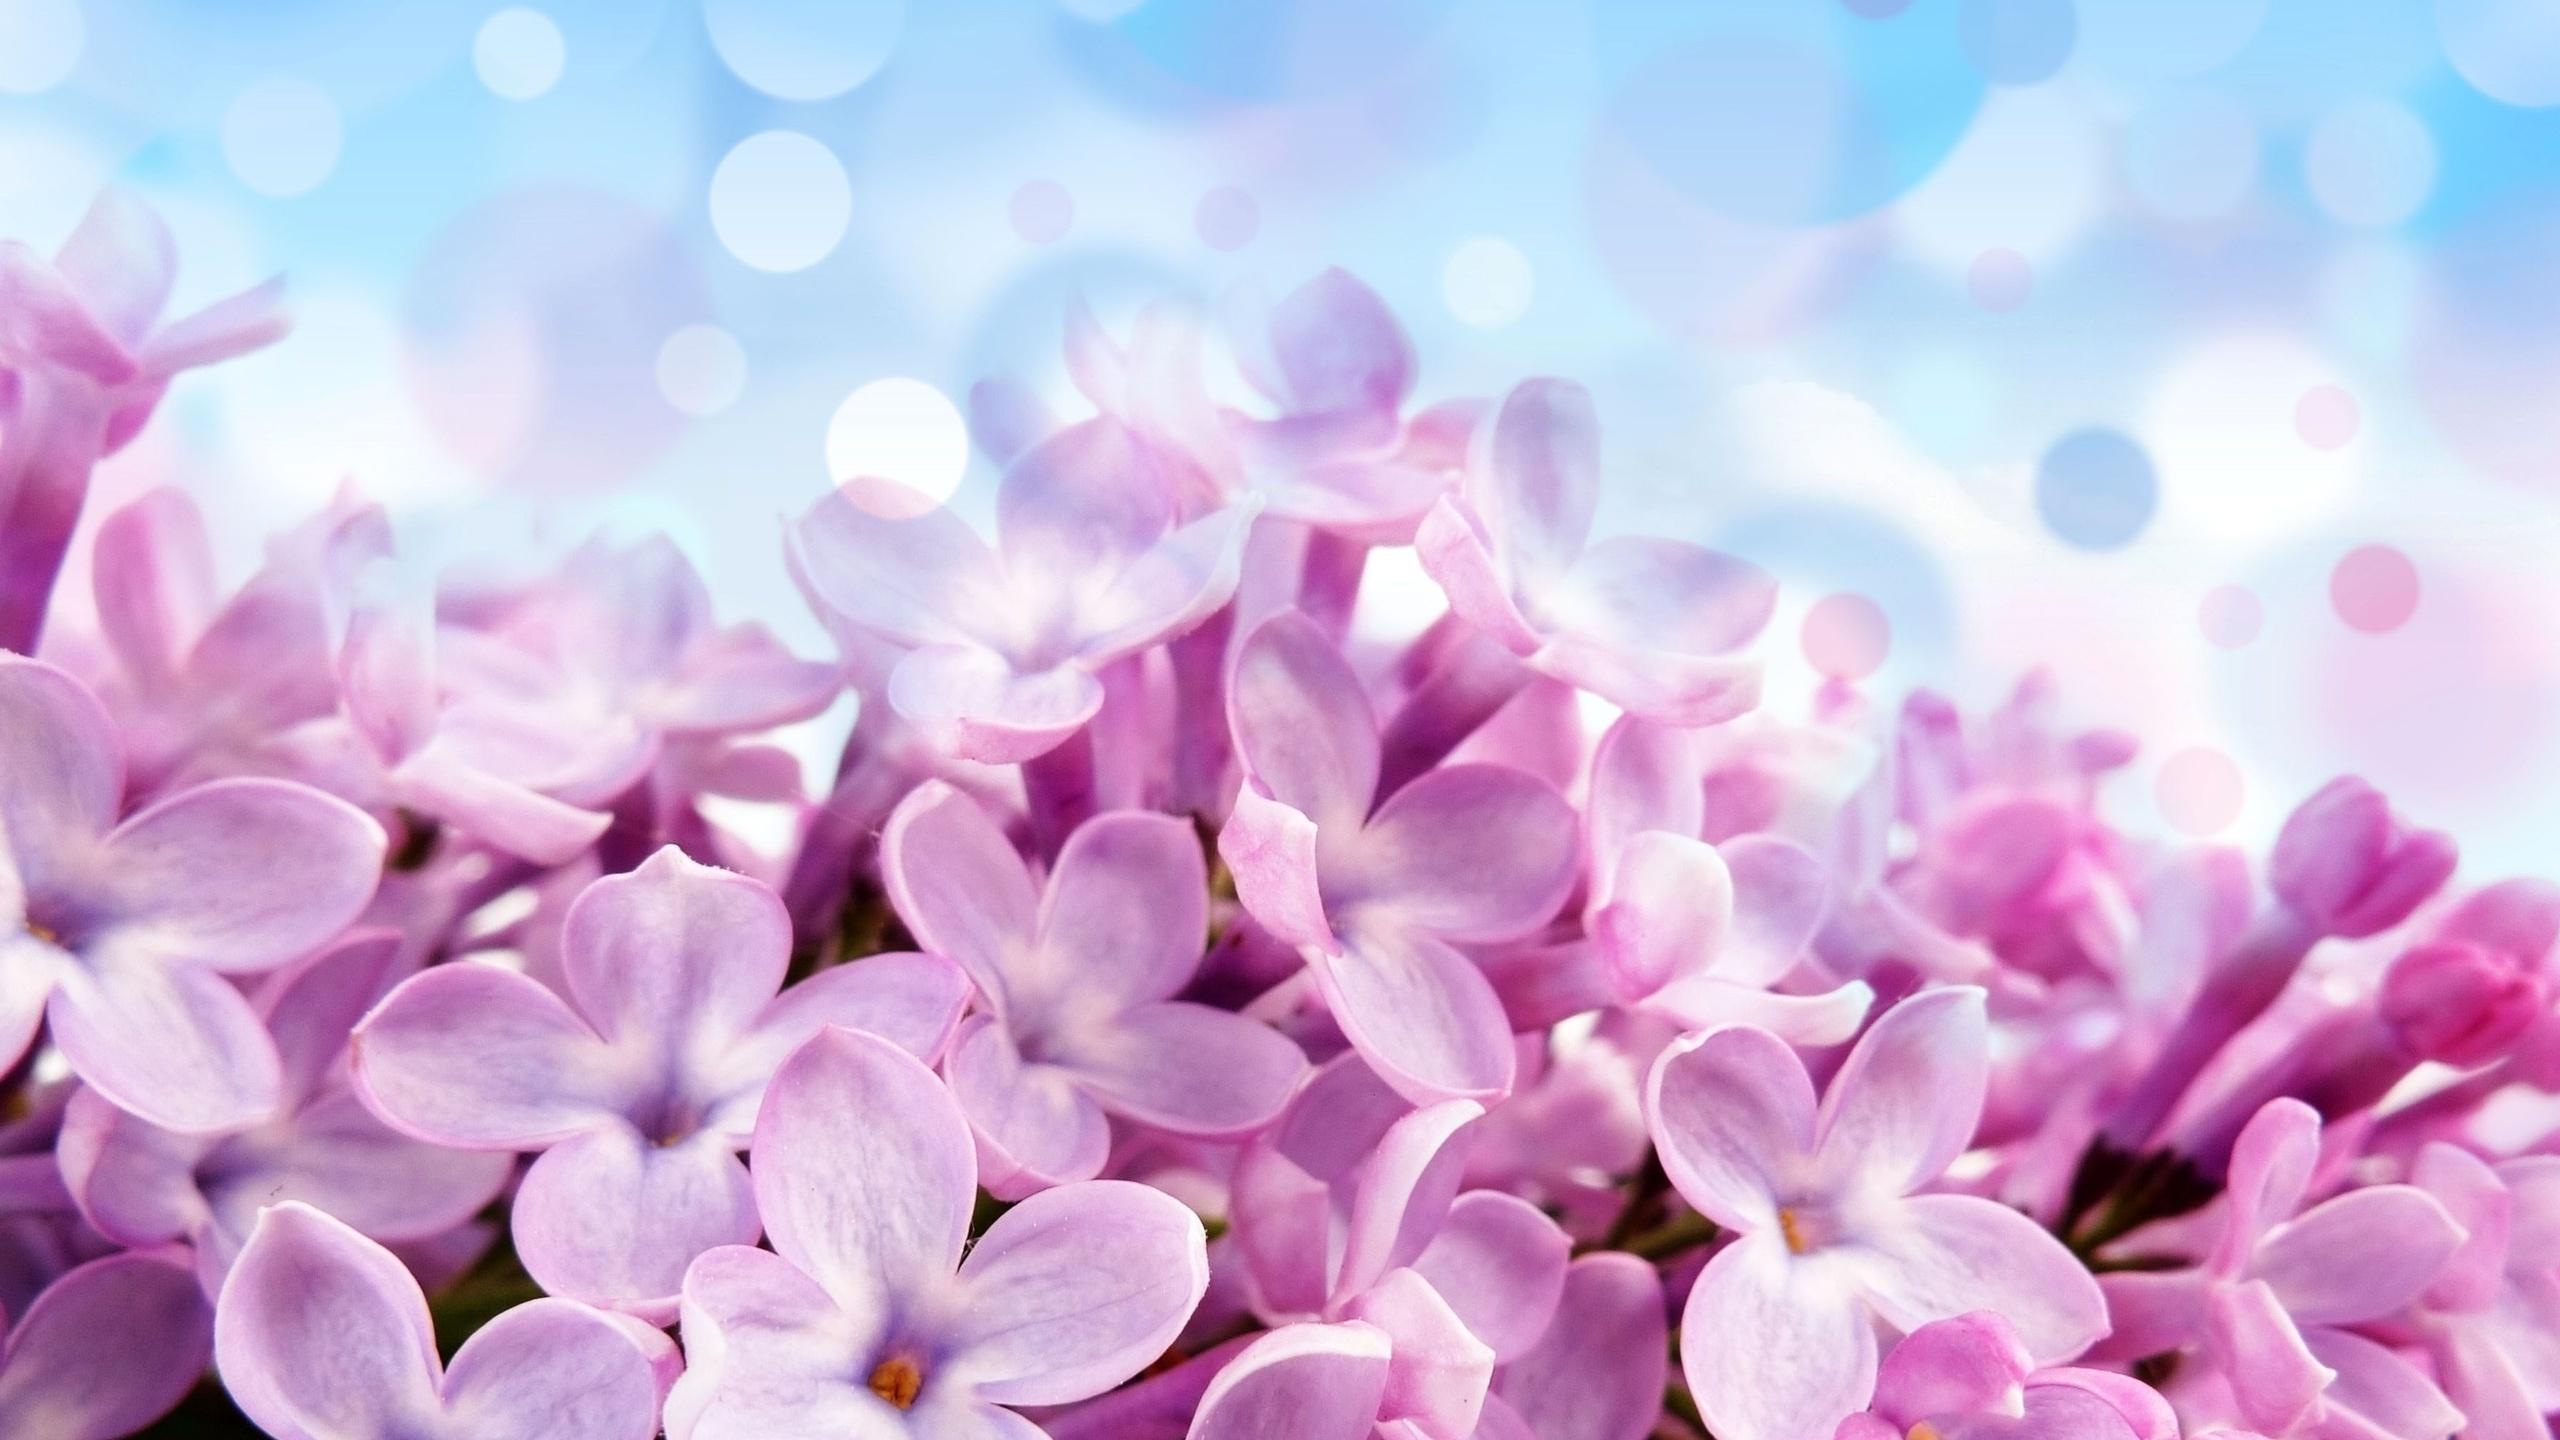 Květiny, světle červené, fialové květy, květiny, fotografie